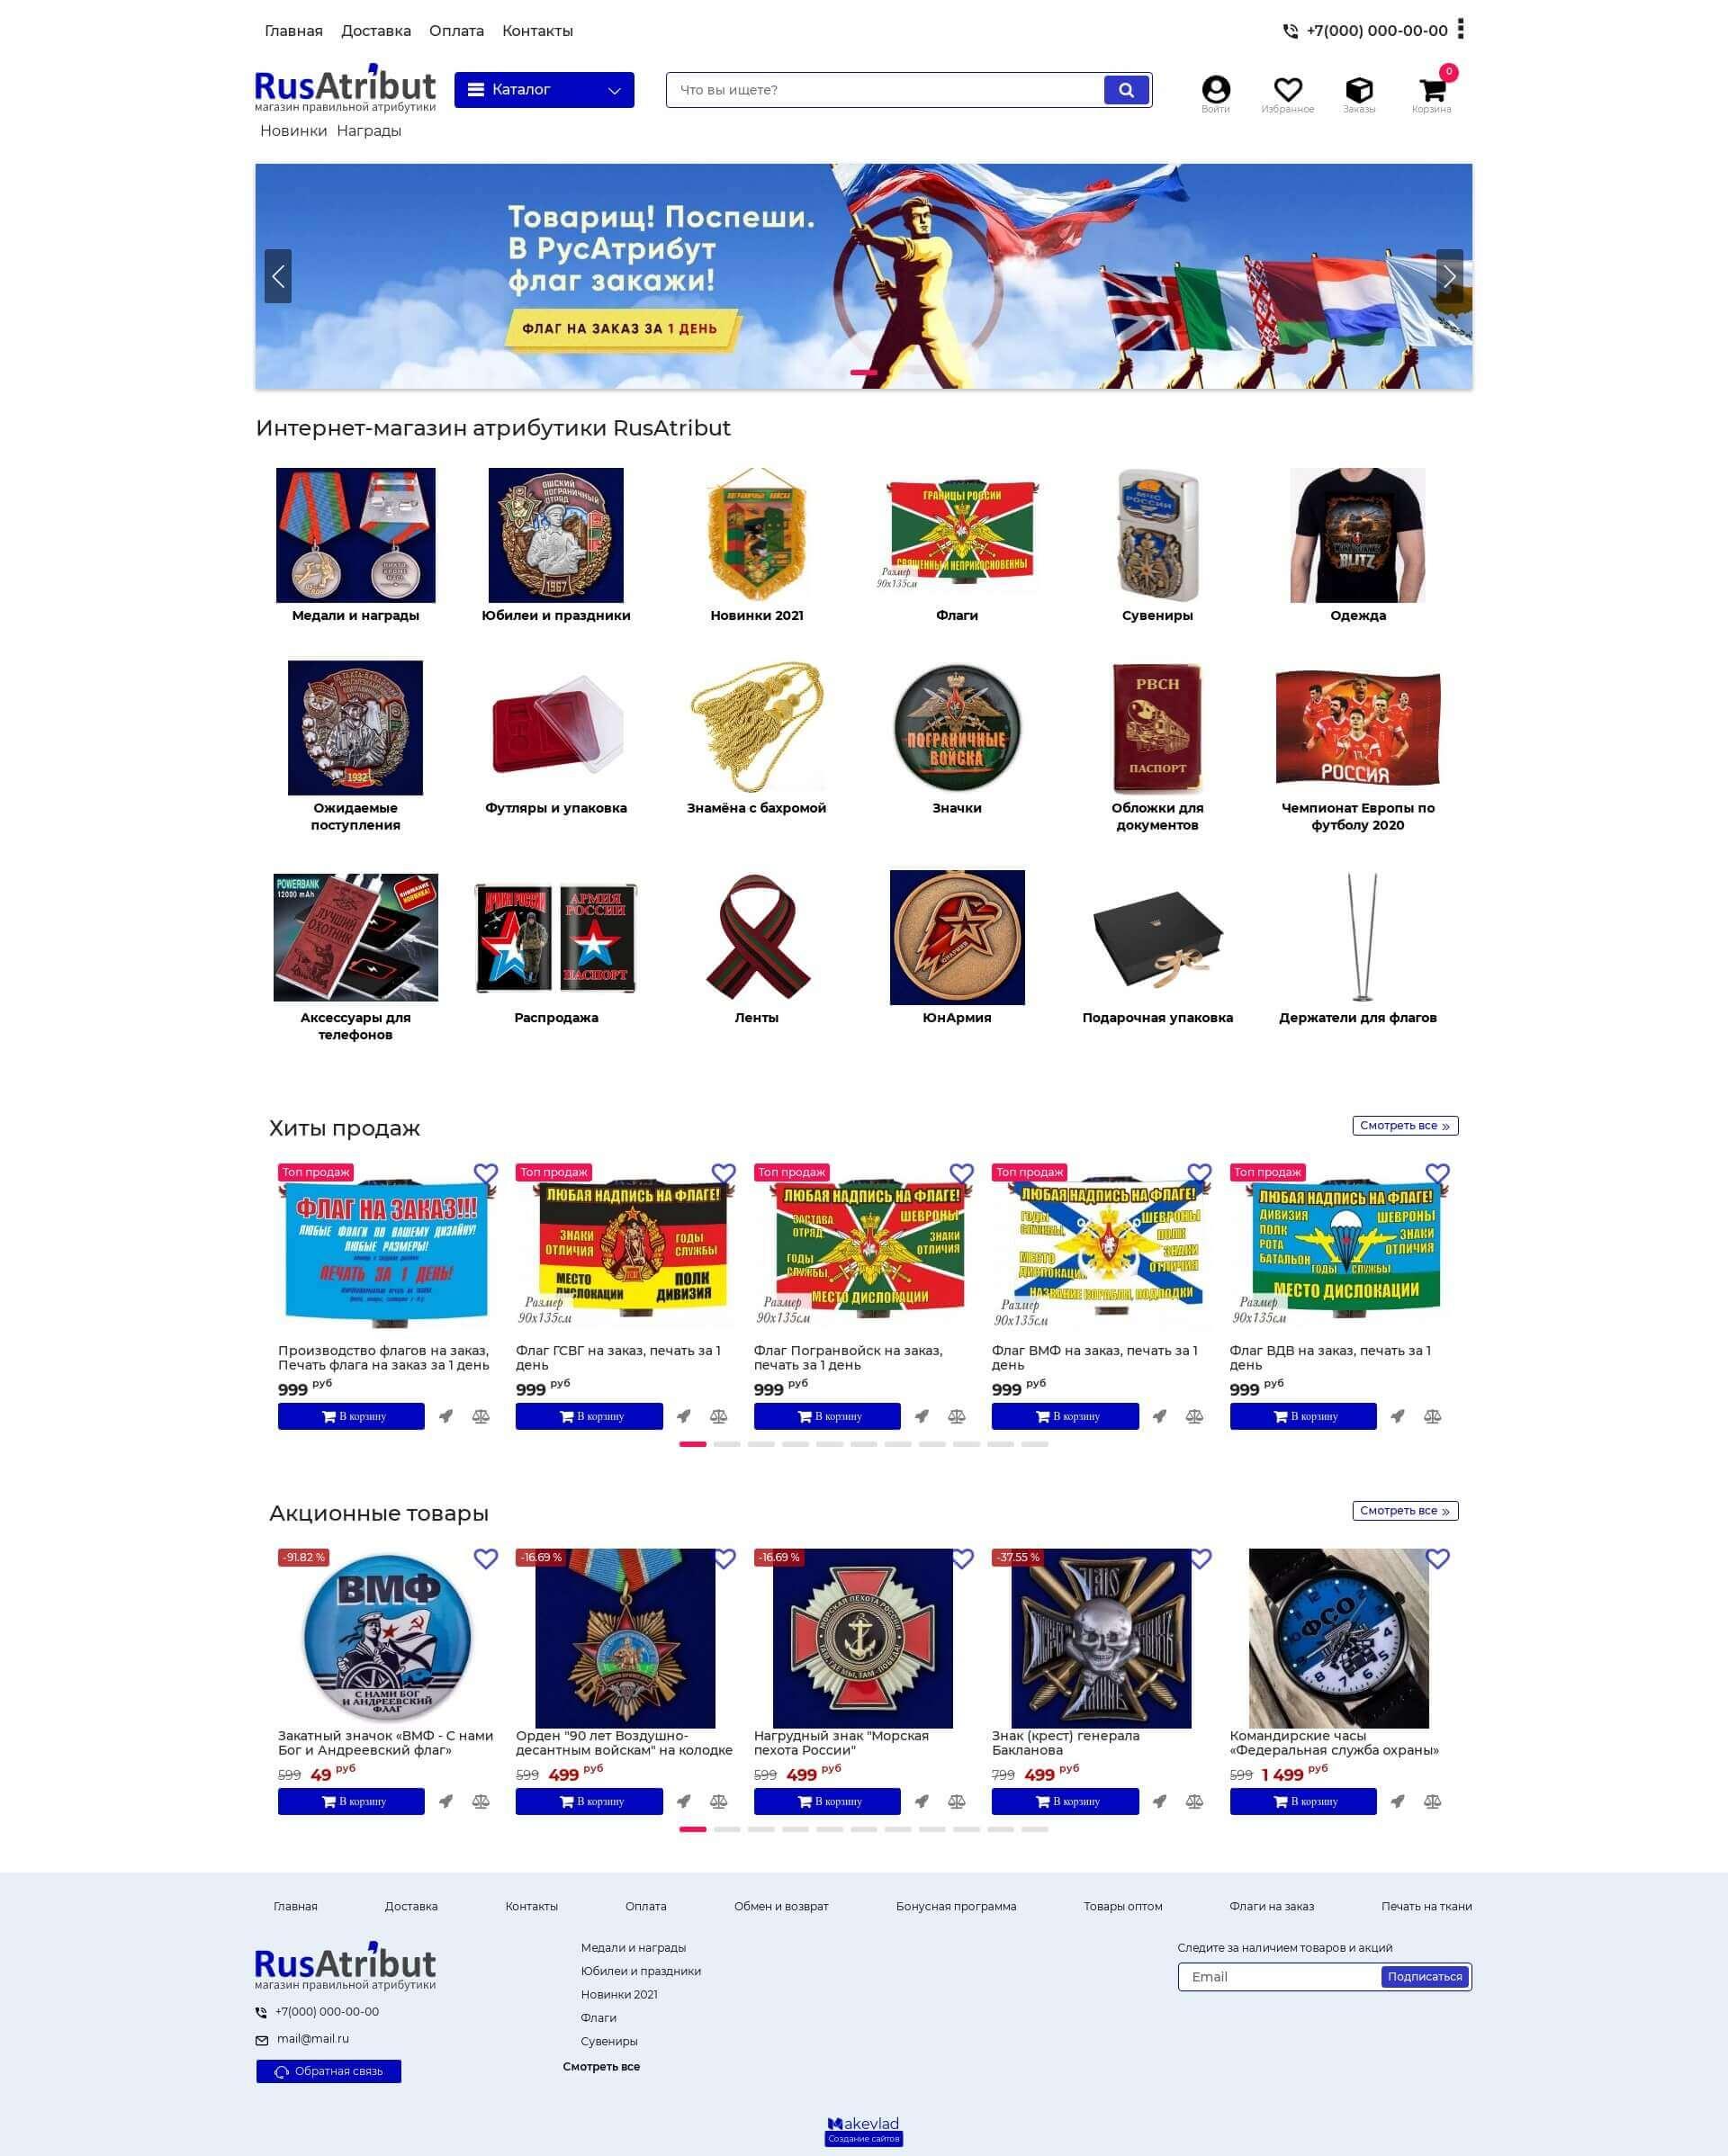 Скриншот №1 страницы сайта во весь экран. Интернет магазин атрибутики